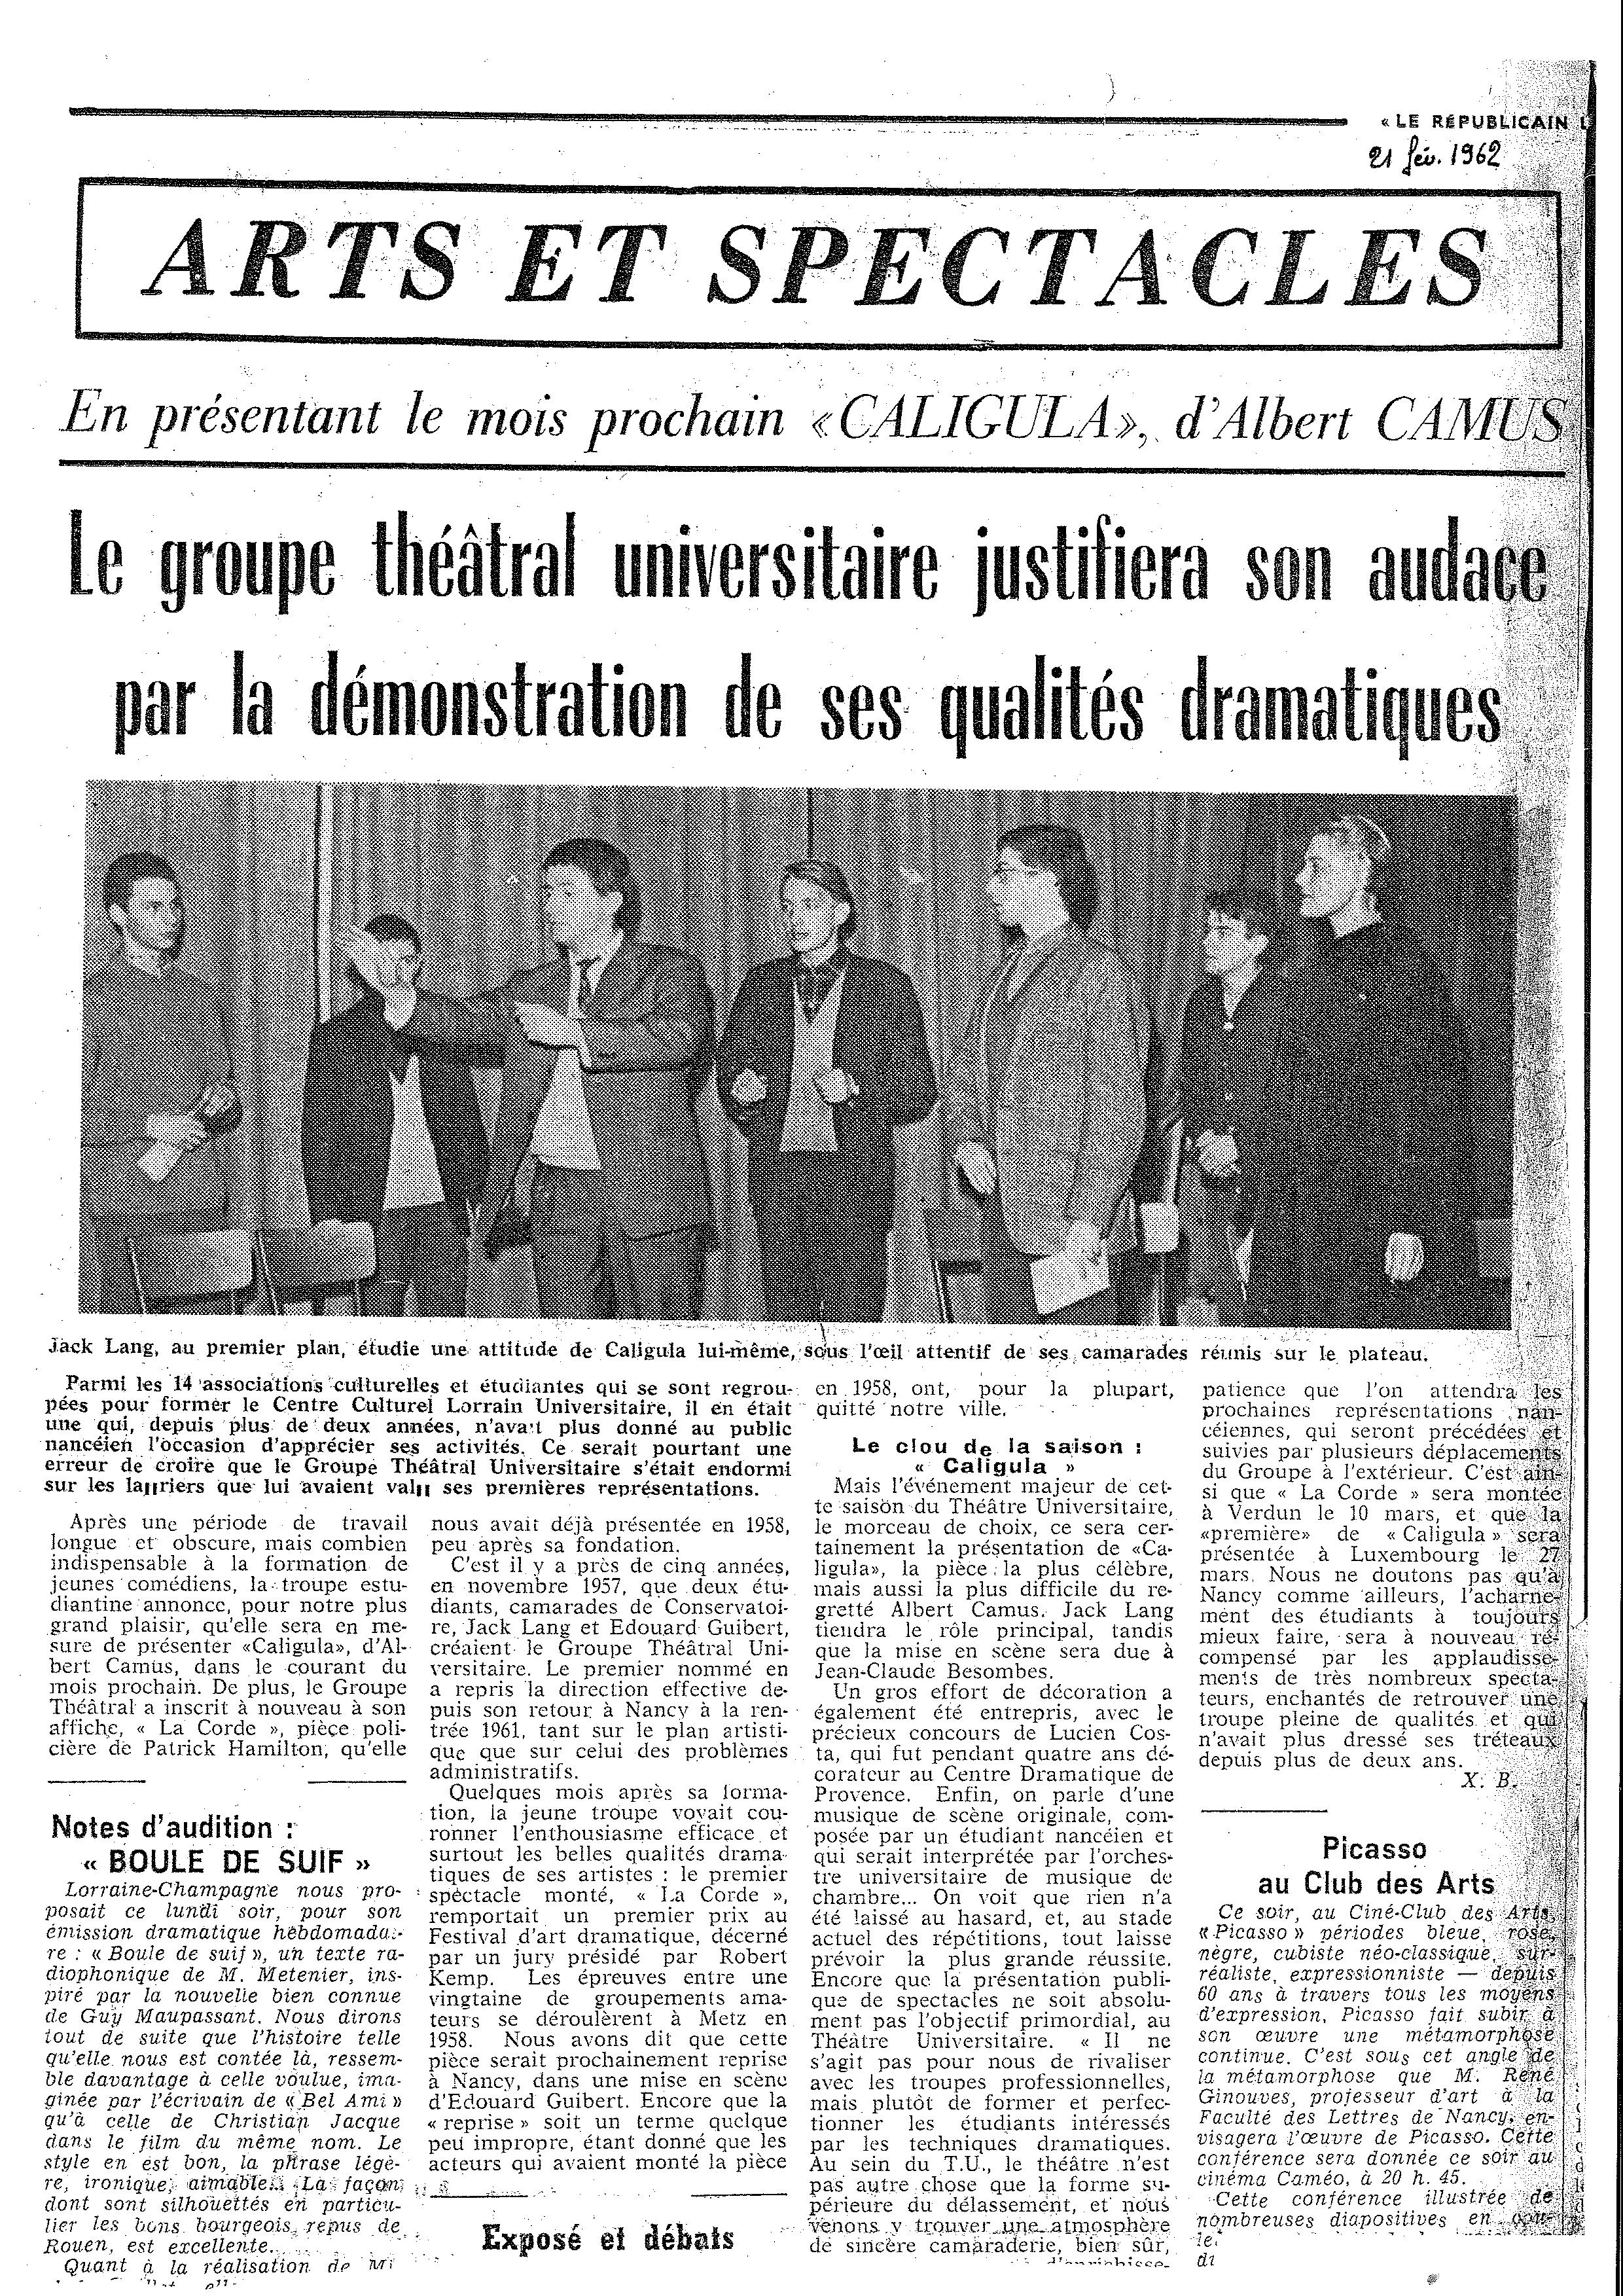 Figure 2. Article tiré du Républicain Lorrain, le 21 février 1962. Archives de Meurthe-et-Moselle, cote du document : 68J9.